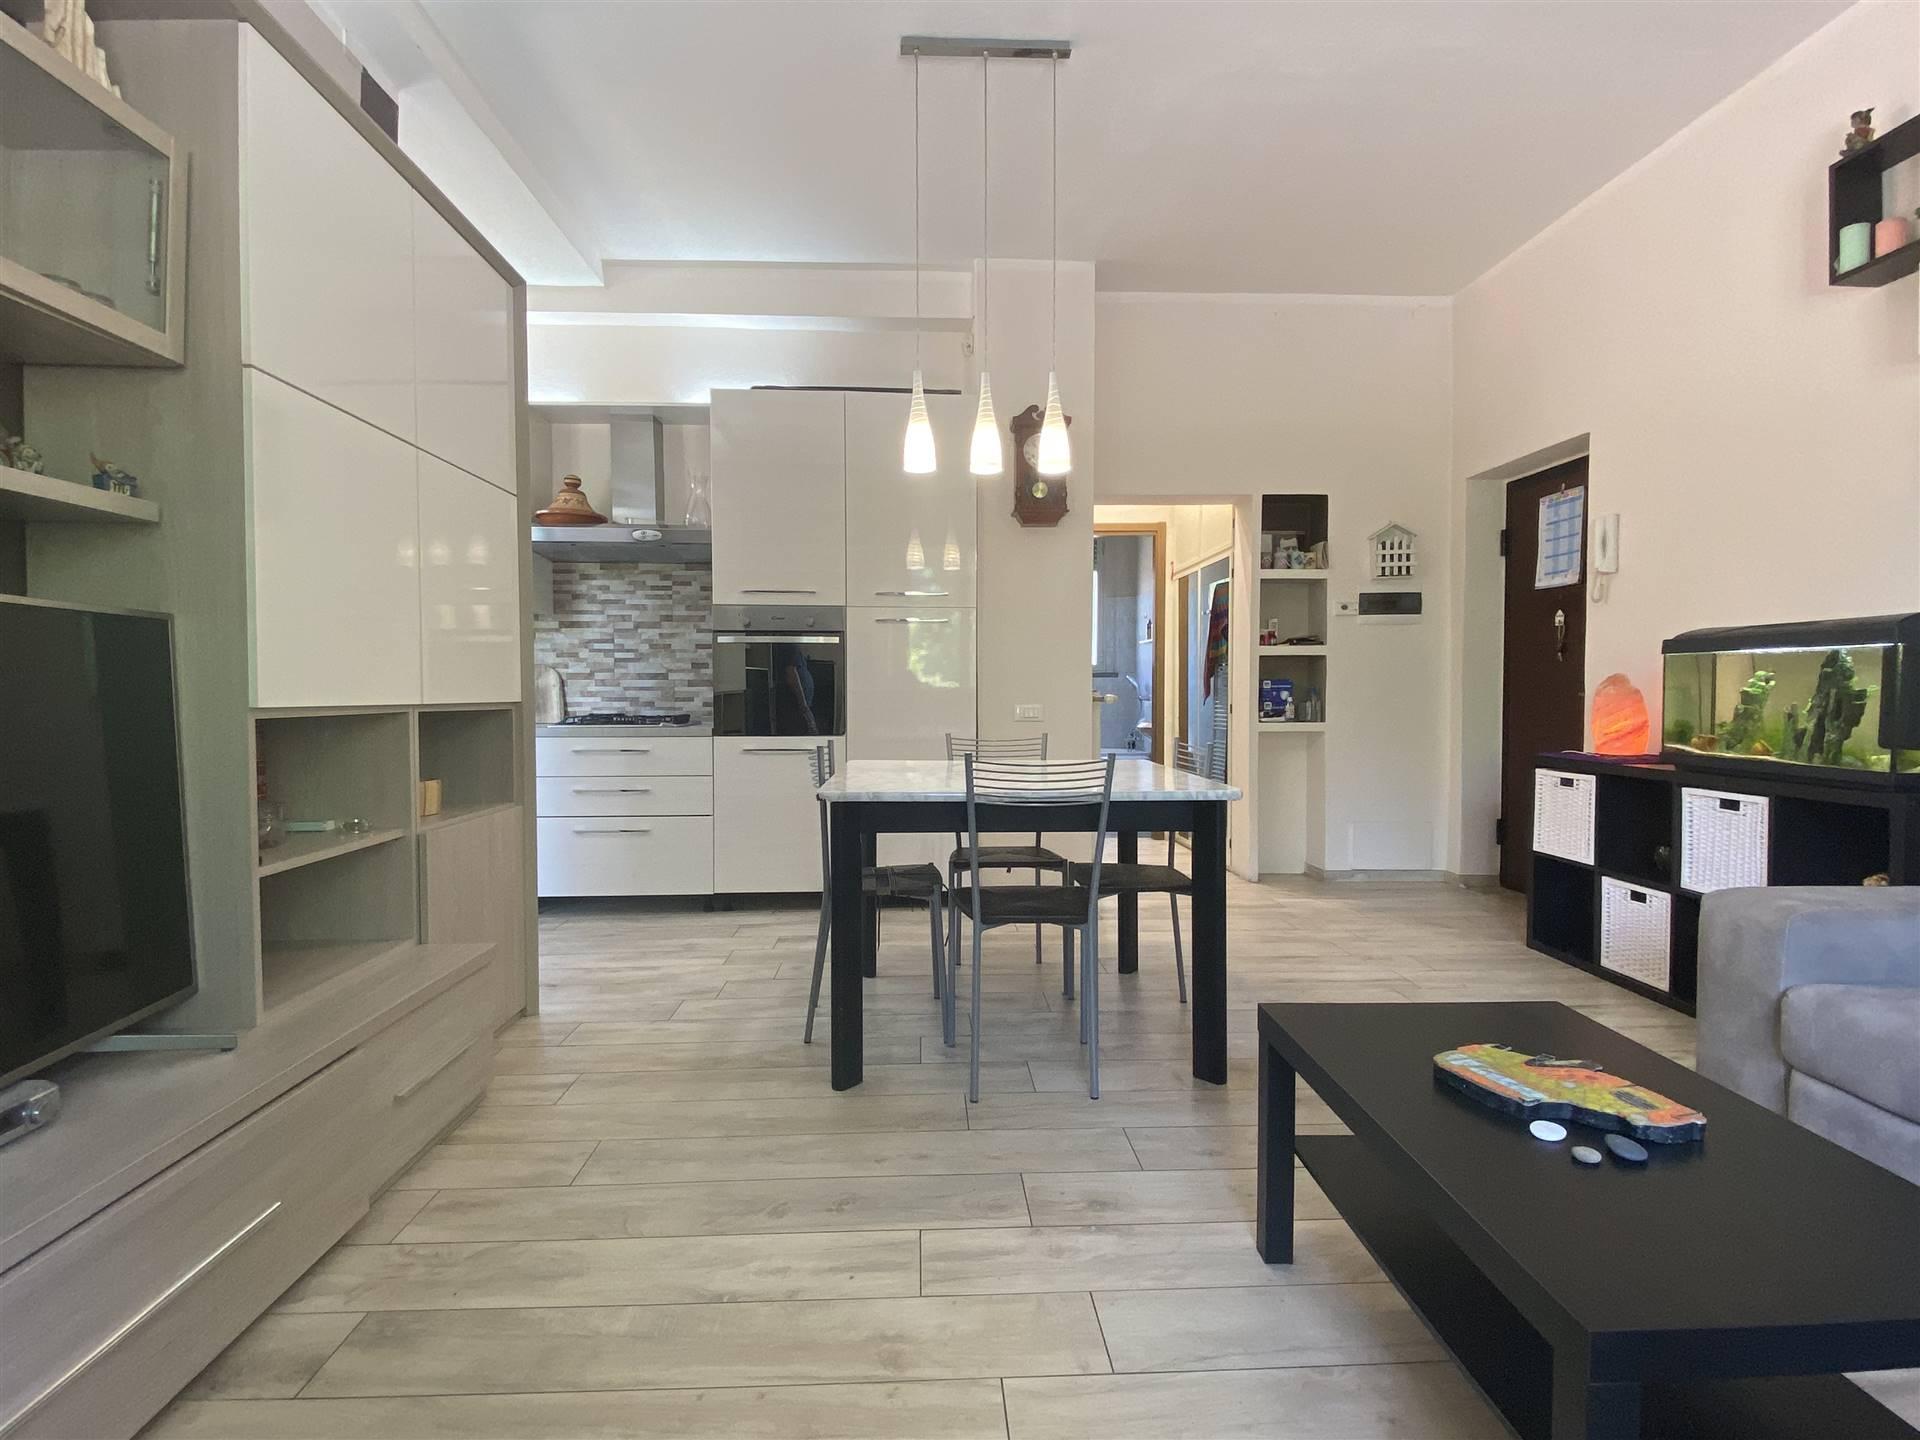 Appartamento in vendita a San Giorgio Piacentino, 2 locali, zona Località: SAN GIORGIO, prezzo € 73.000 | CambioCasa.it